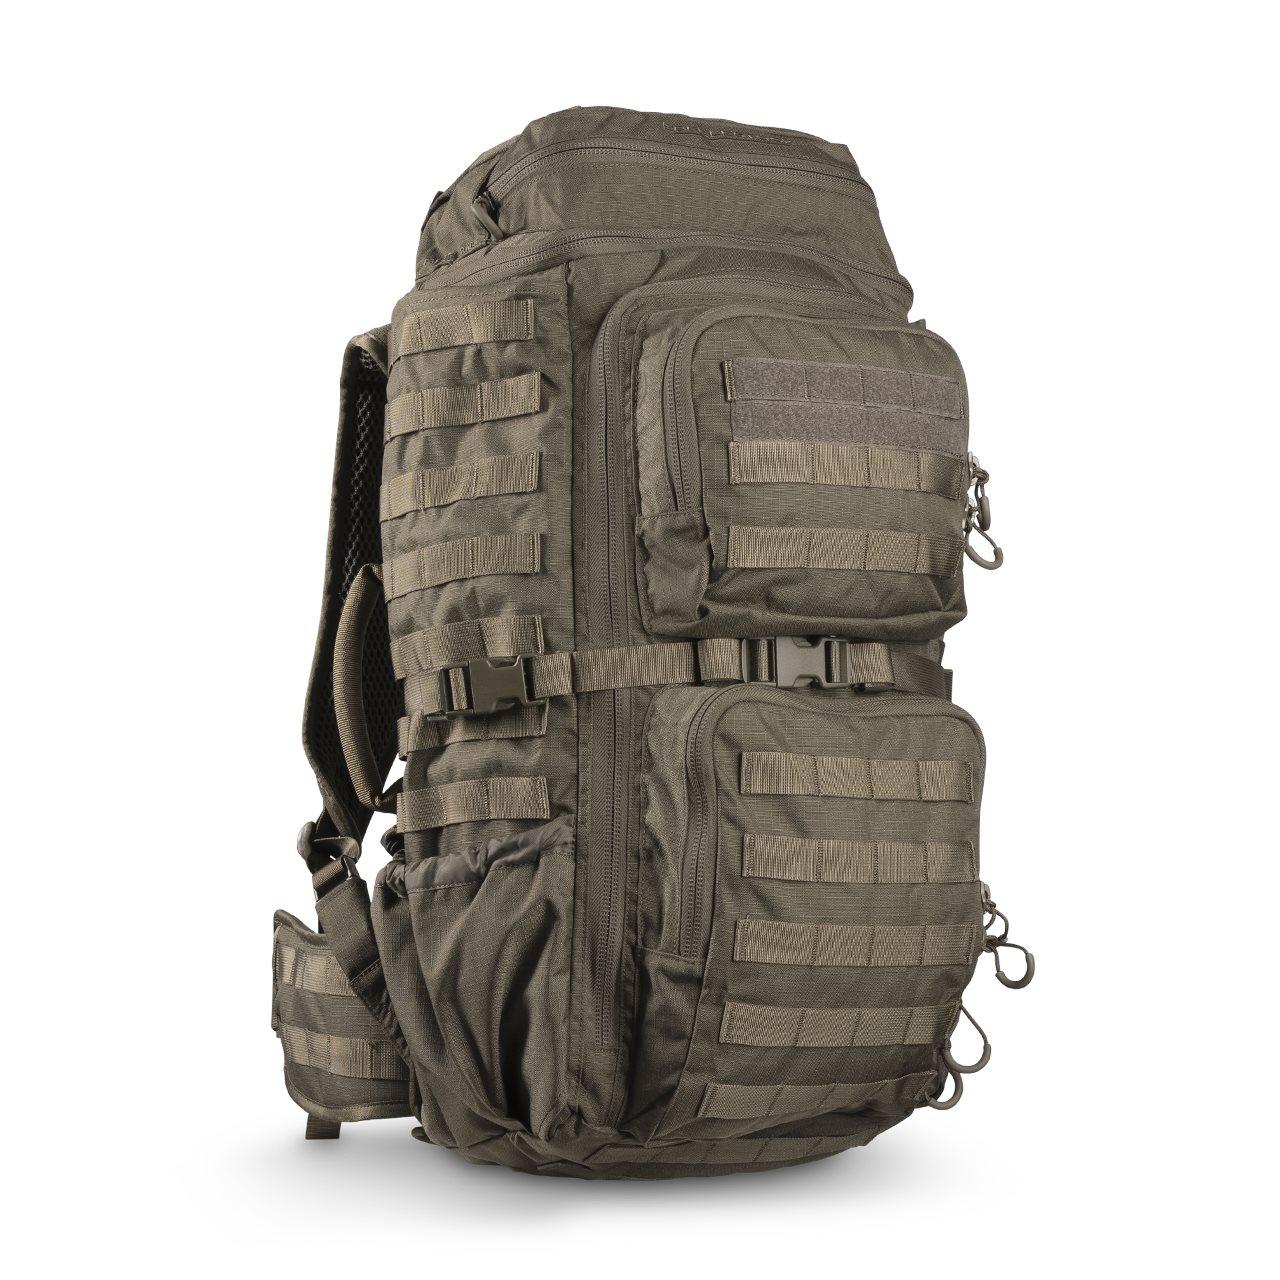 Backpack F3 FAC TRACK MILITARY GREEN EBERLESTOCK F3FJ L-11